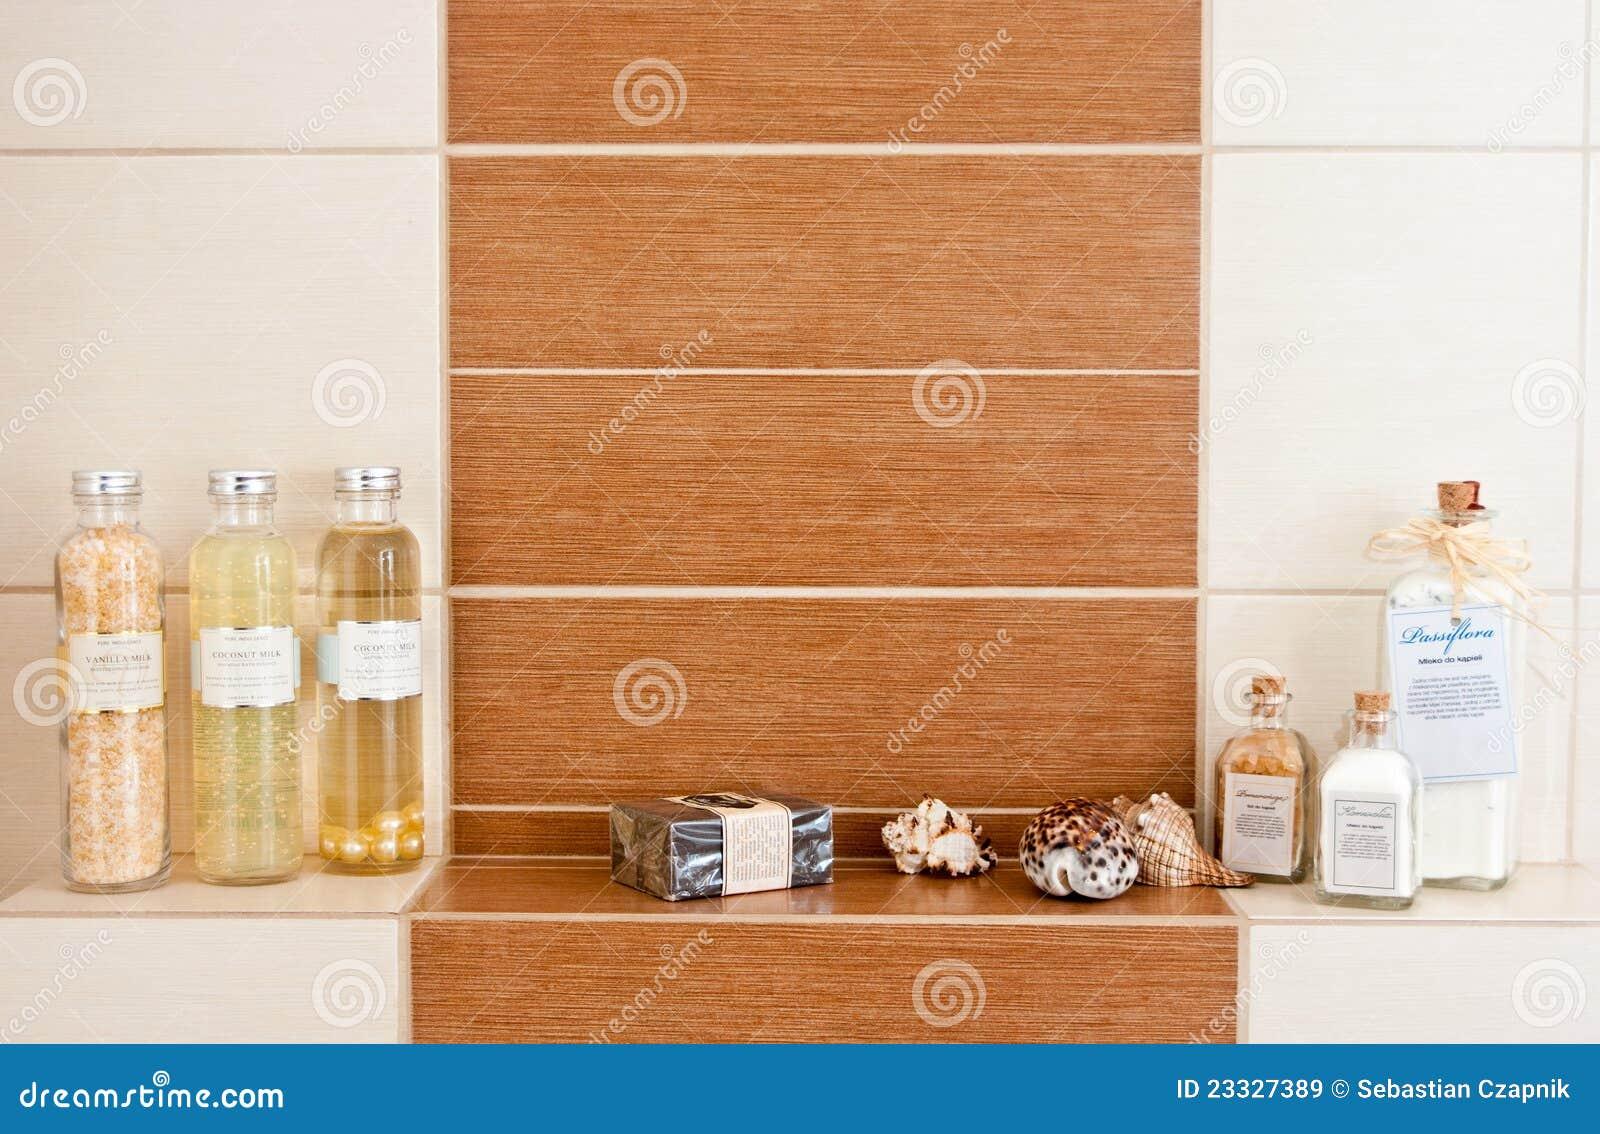 Decorazioni della stanza da bagno immagini stock libere da diritti immagine 23327389 - Decorazioni bagno ...